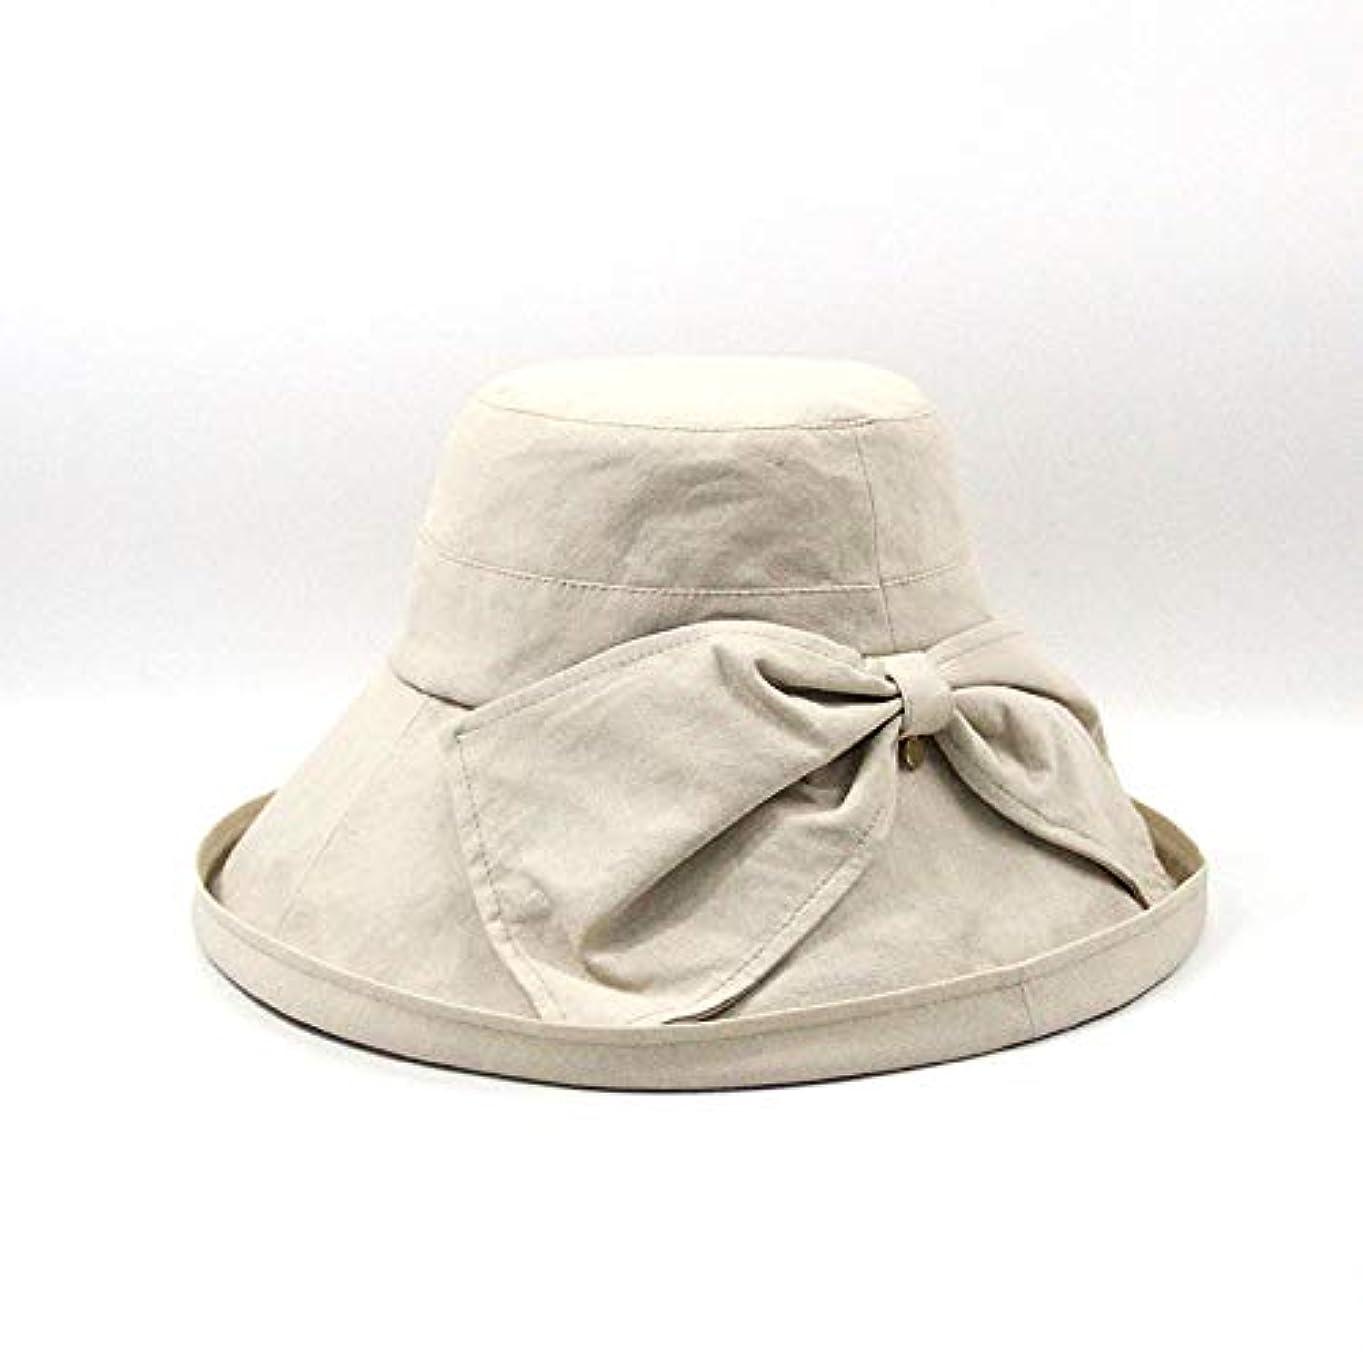 のヒープ交換きらめく旅行ガーデニングボートのための広いつばのバケツの帽子、ちょう結び折り畳み式のクラシックなデザインと綿の太陽の帽子、